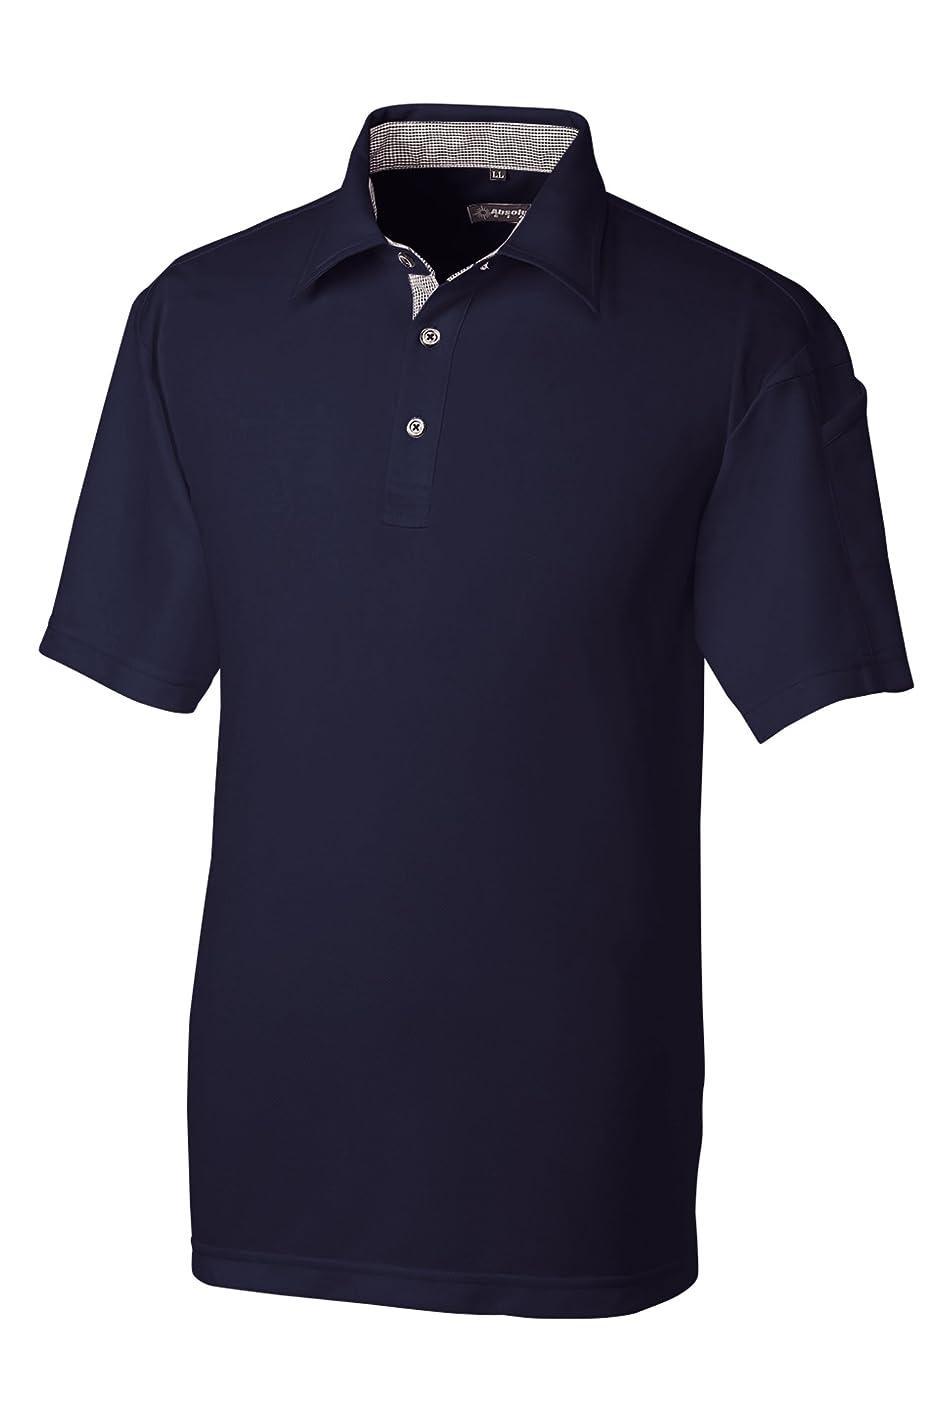 前件夜間資本主義SOWA(ソーワ) 半袖遮熱ポロシャツ ネイビー Lサイズ 50567